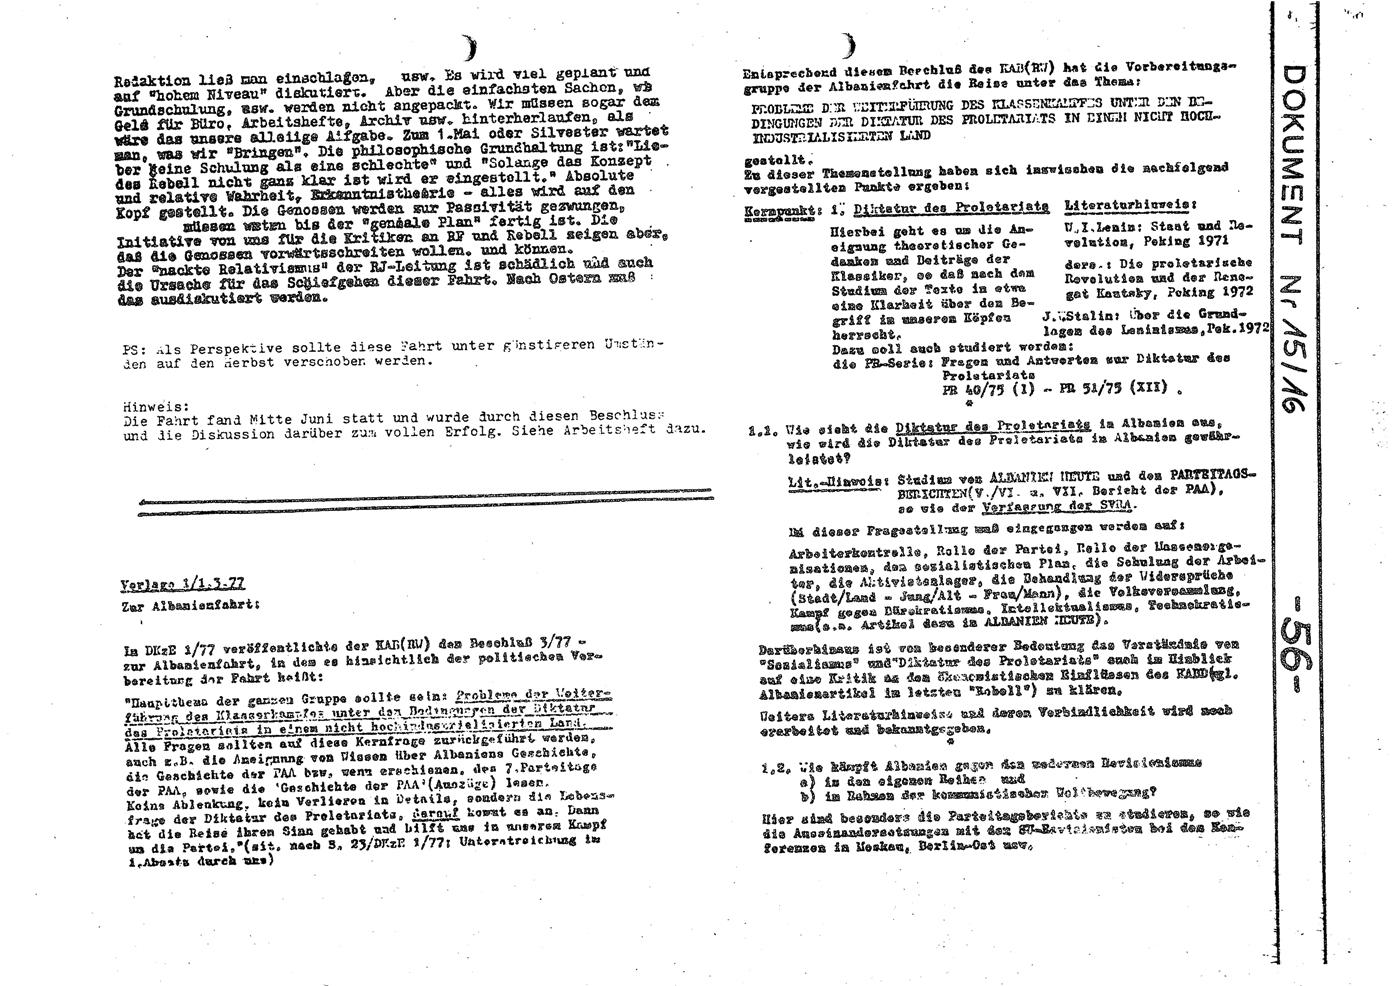 KABRW_Arbeitshefte_1977_24_056